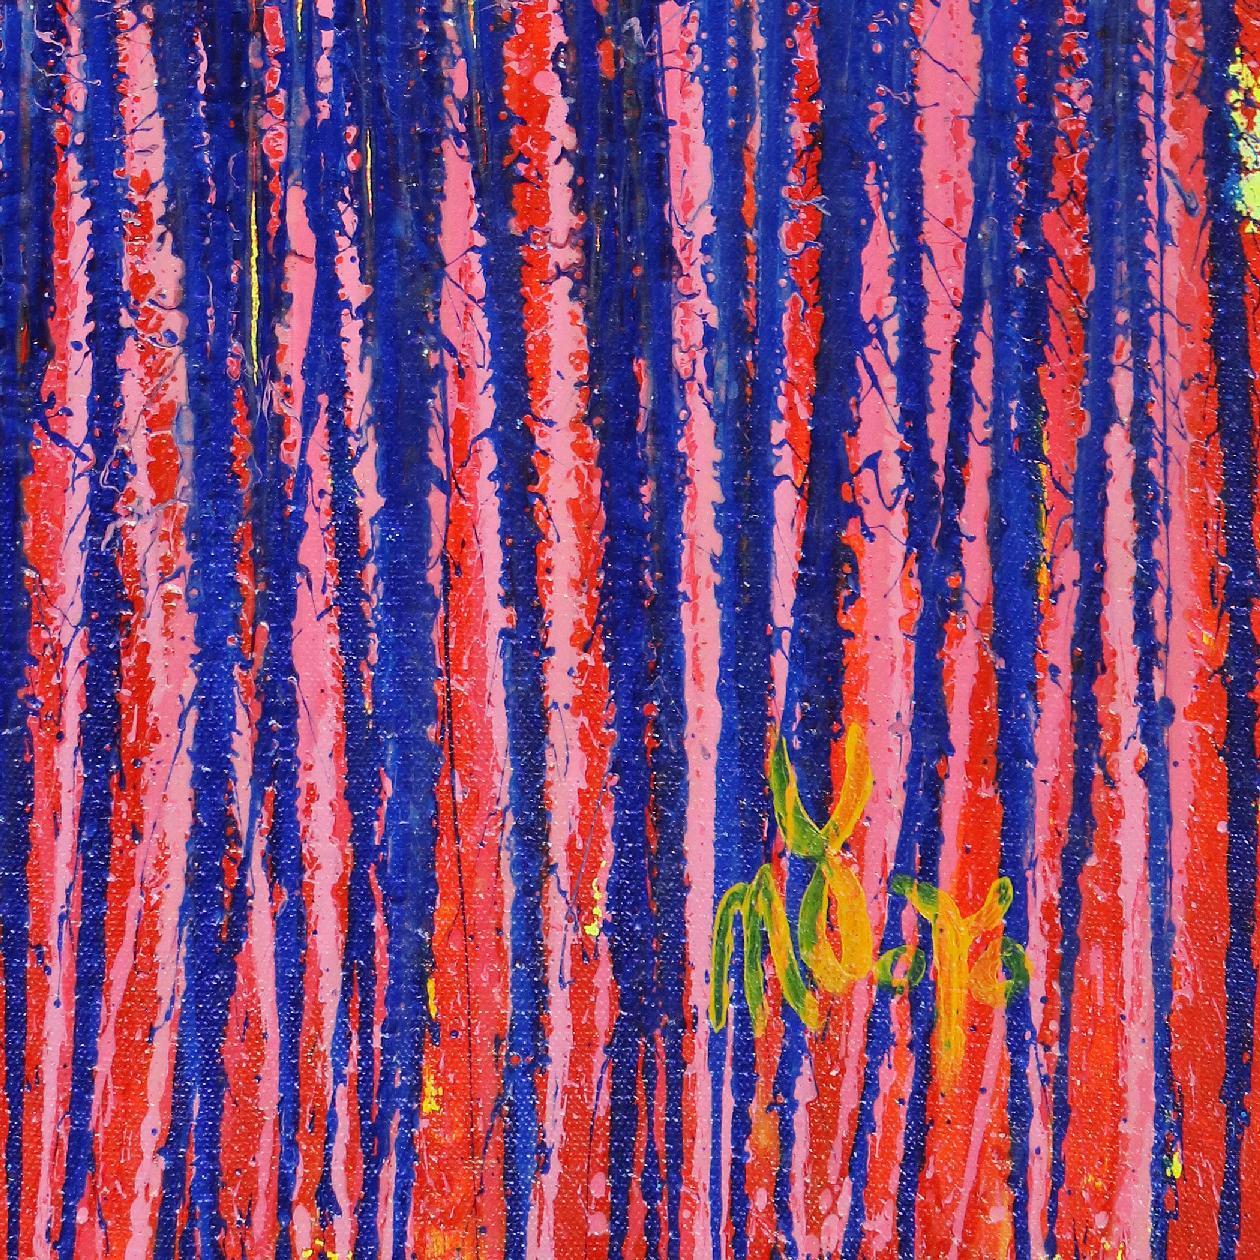 Signature - Detail - Daring Spectra #3 (2020) by Nestor Toro